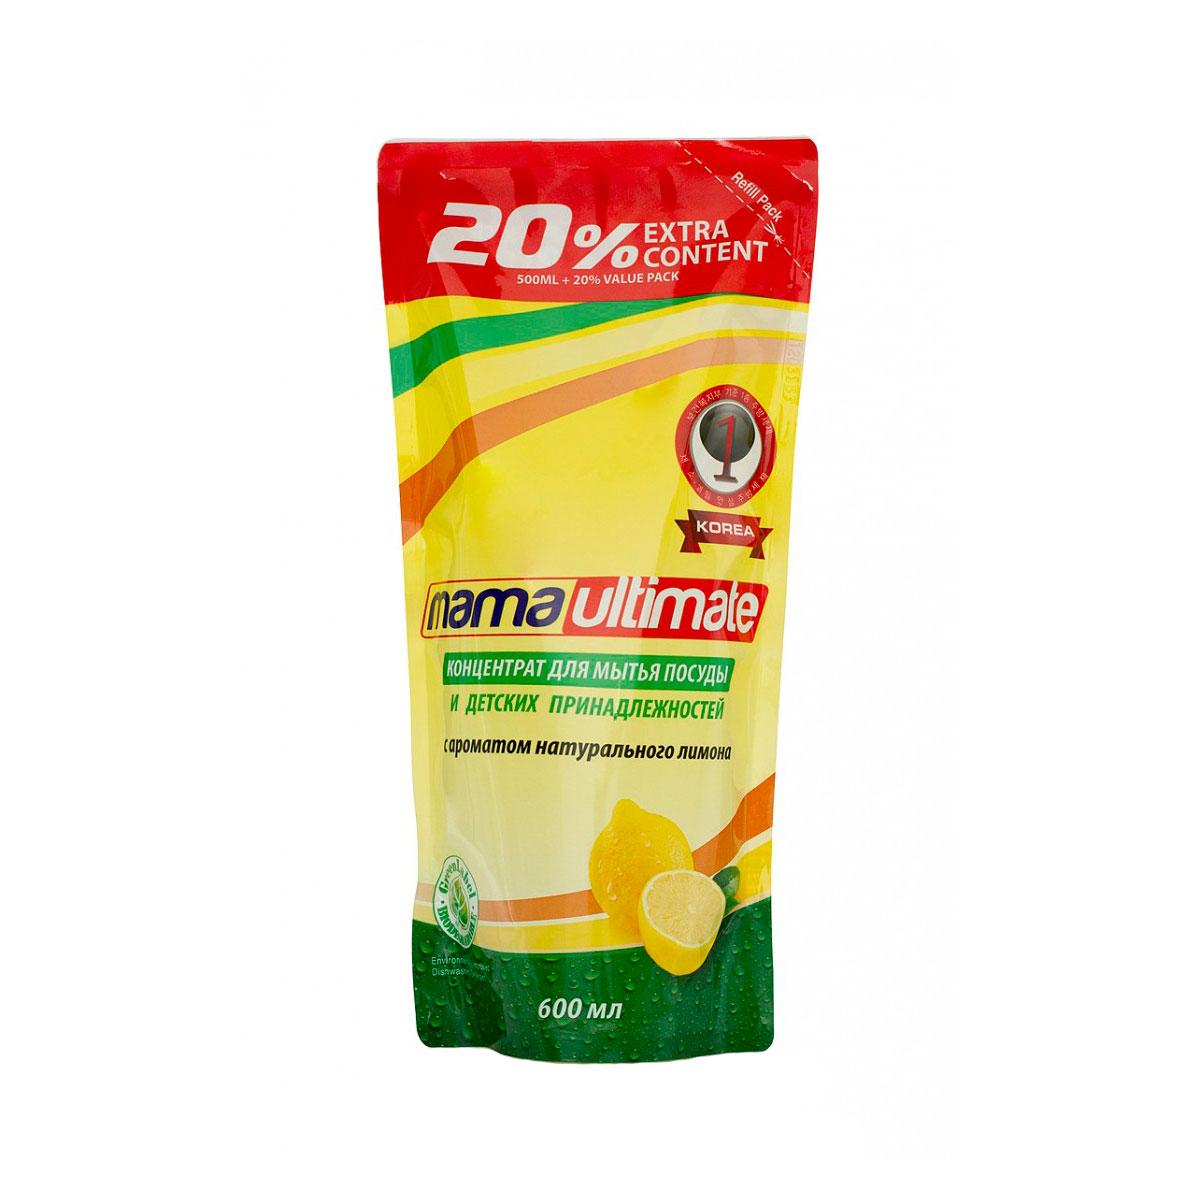 Средство для мытья посуды Lion Mama Ultimate Лимон 600 мл запасной блок<br>